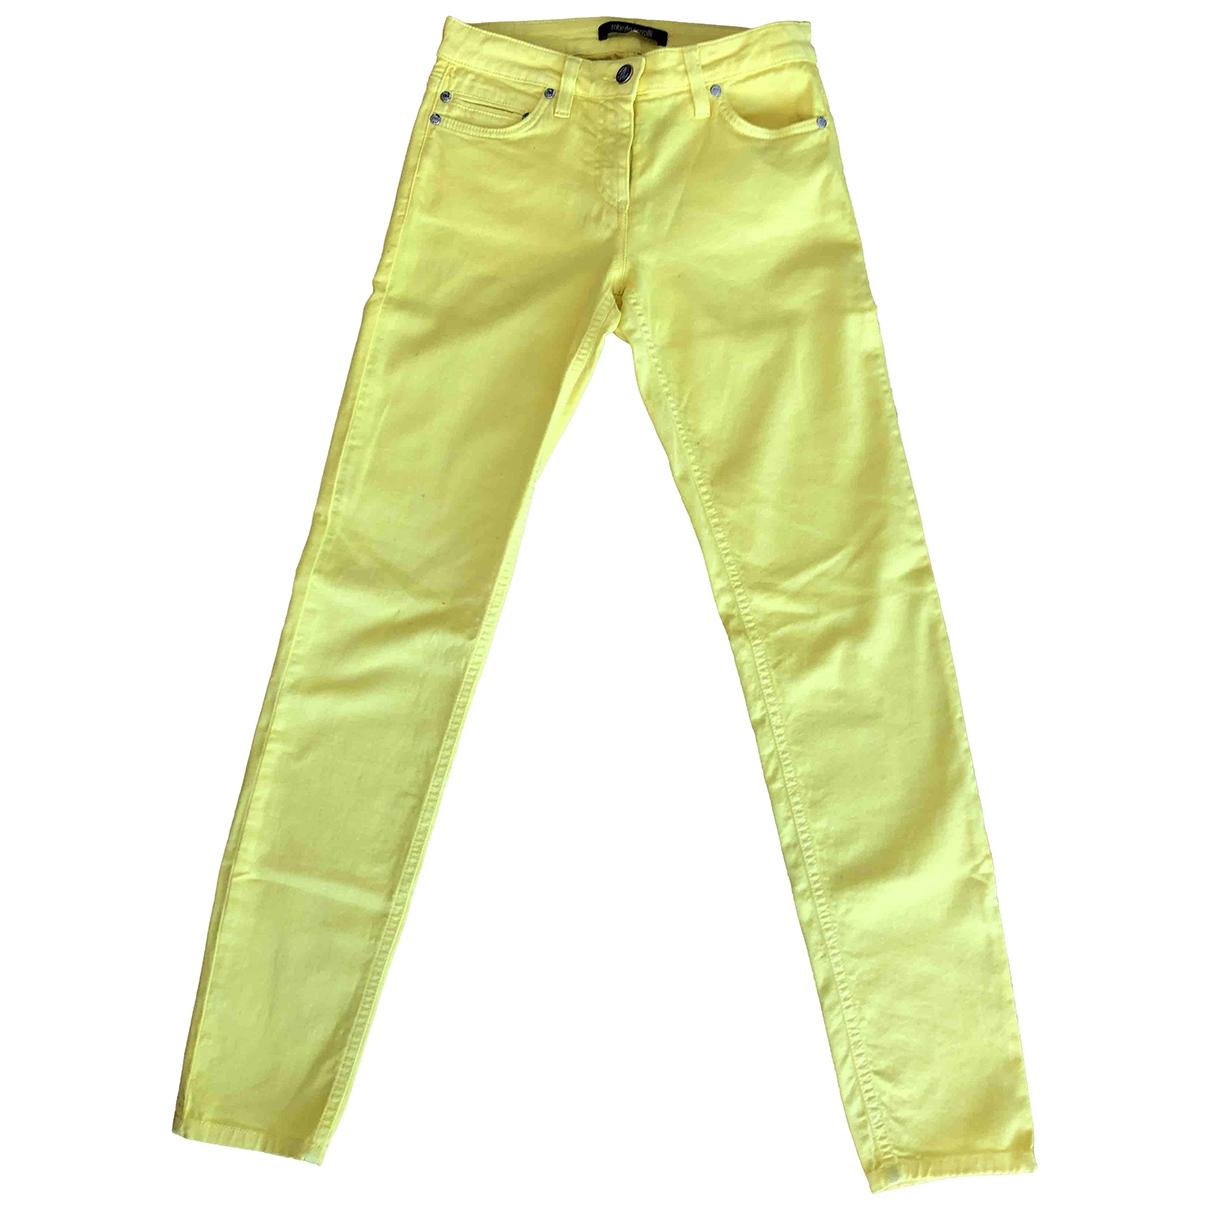 Roberto Cavalli \N Yellow Cotton - elasthane Jeans for Women 34 FR